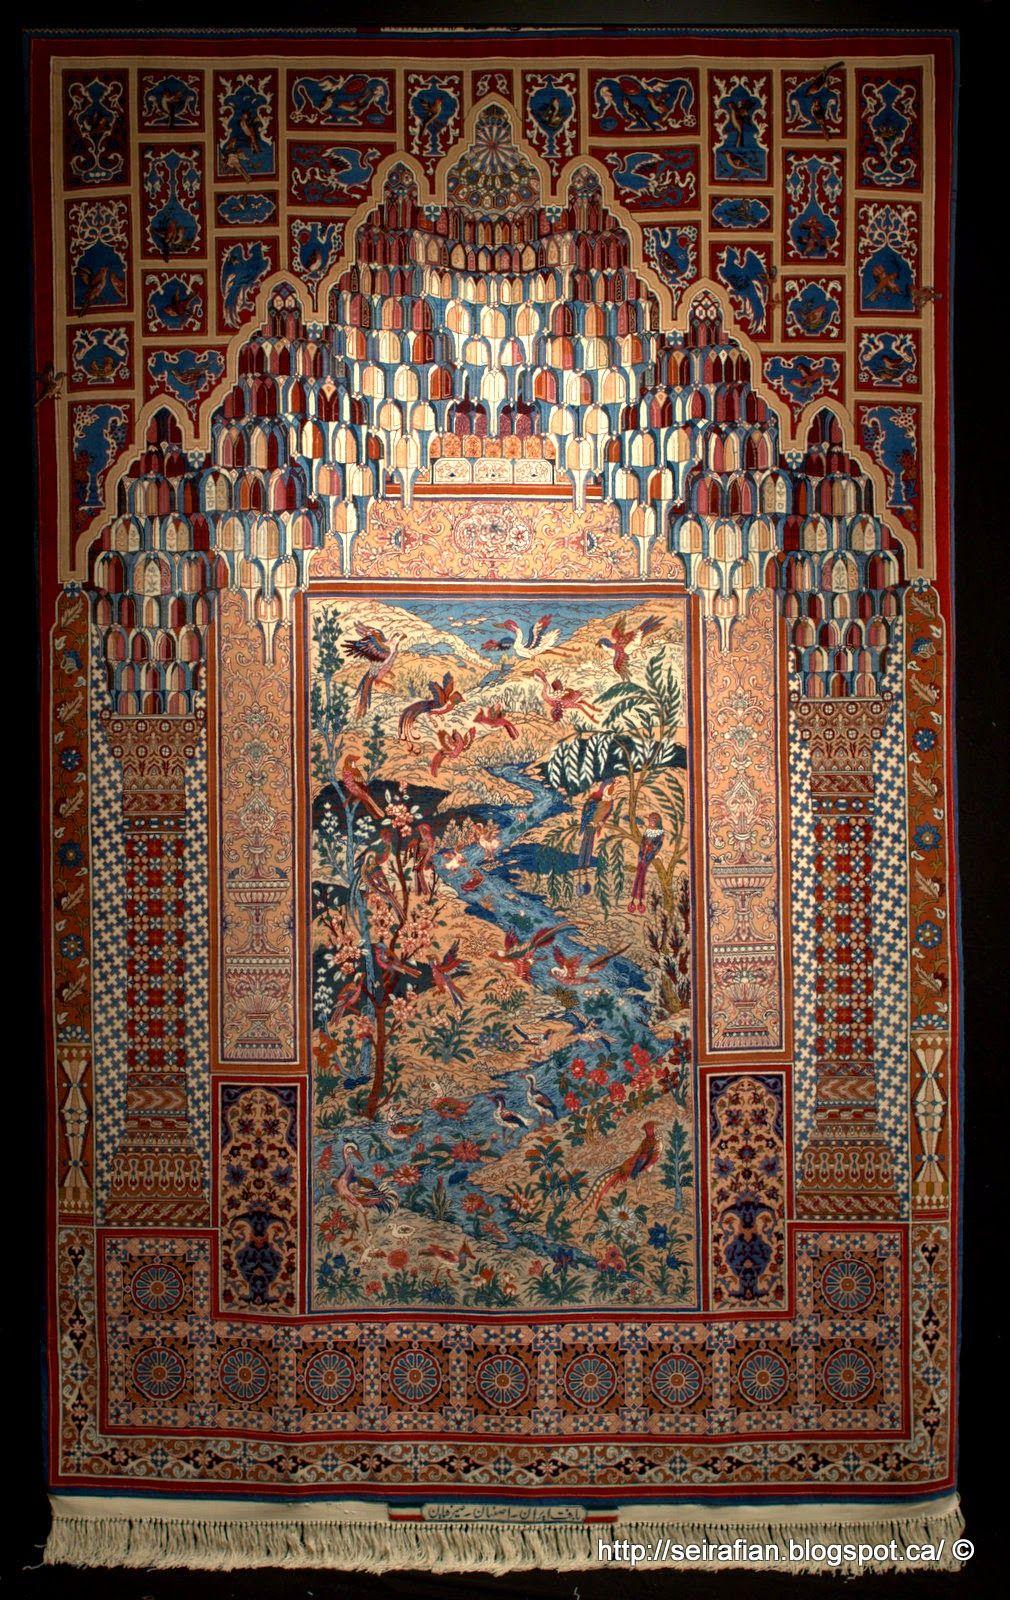 A Pictorial Masterpiece Rug By Mohammad Seirafian Isfahan Iran Jpg 1 010 1 600 Pixels Alfombras Persas Alfombras Disenos De Unas